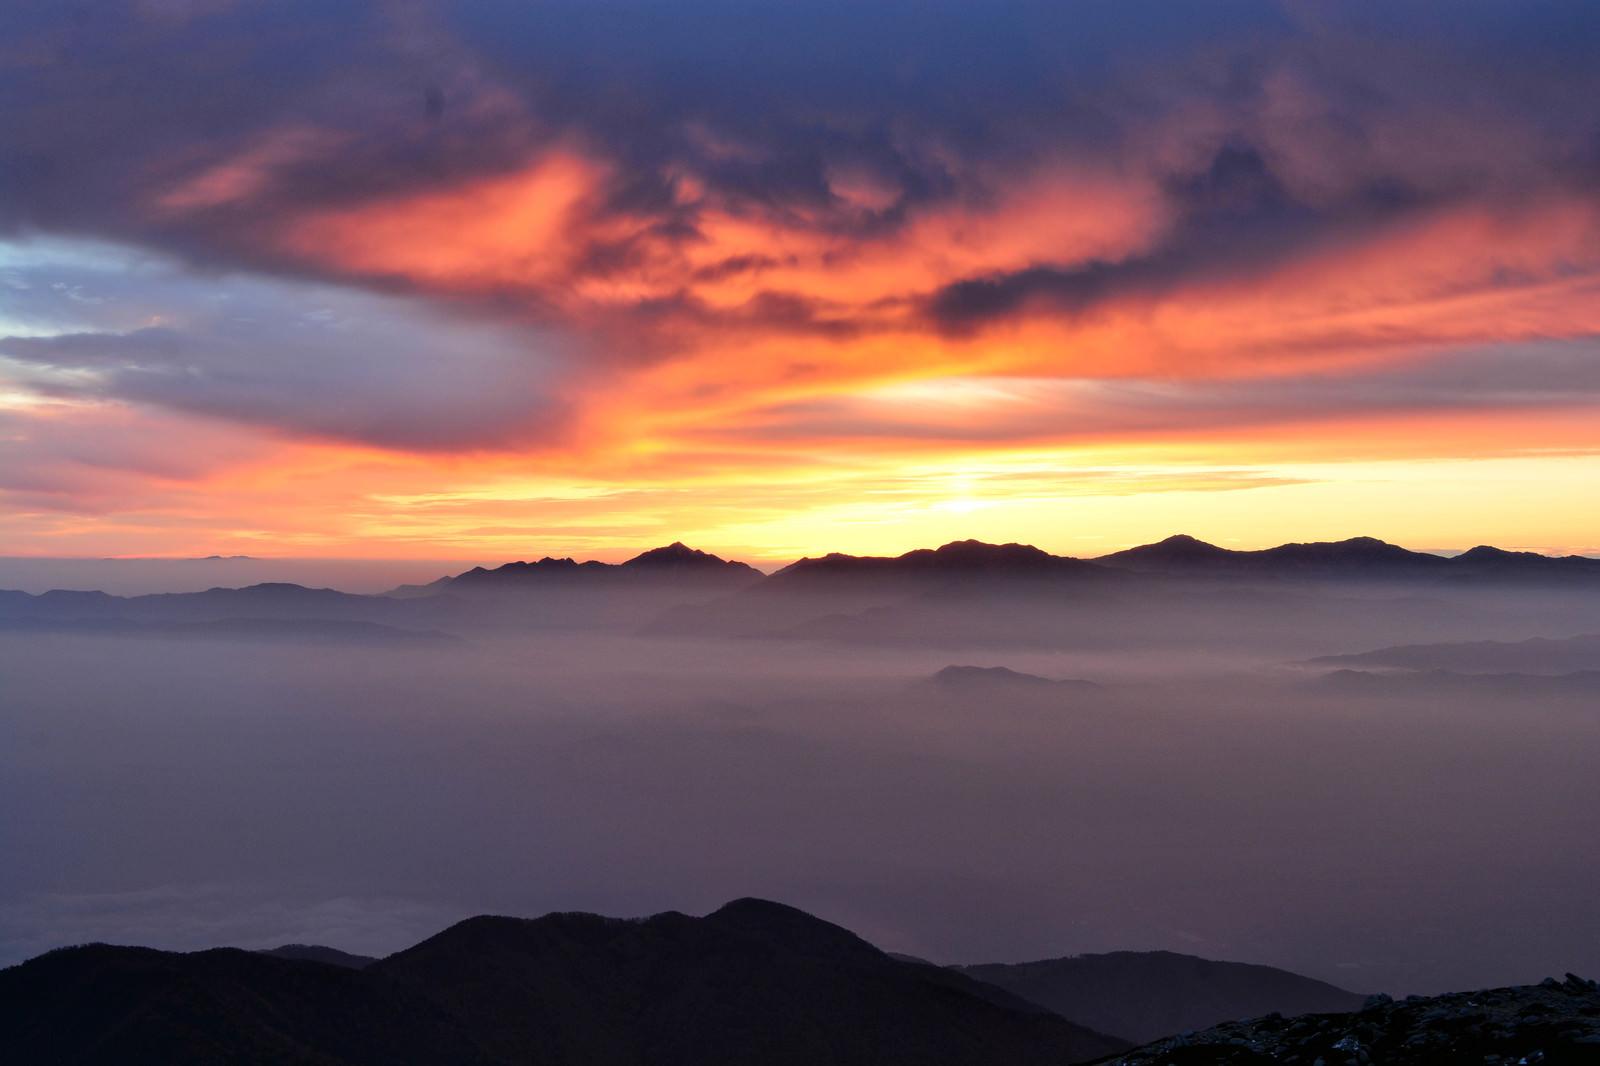 「夕焼けに染まる南アルプスのシルエットと雲海の様子」の写真